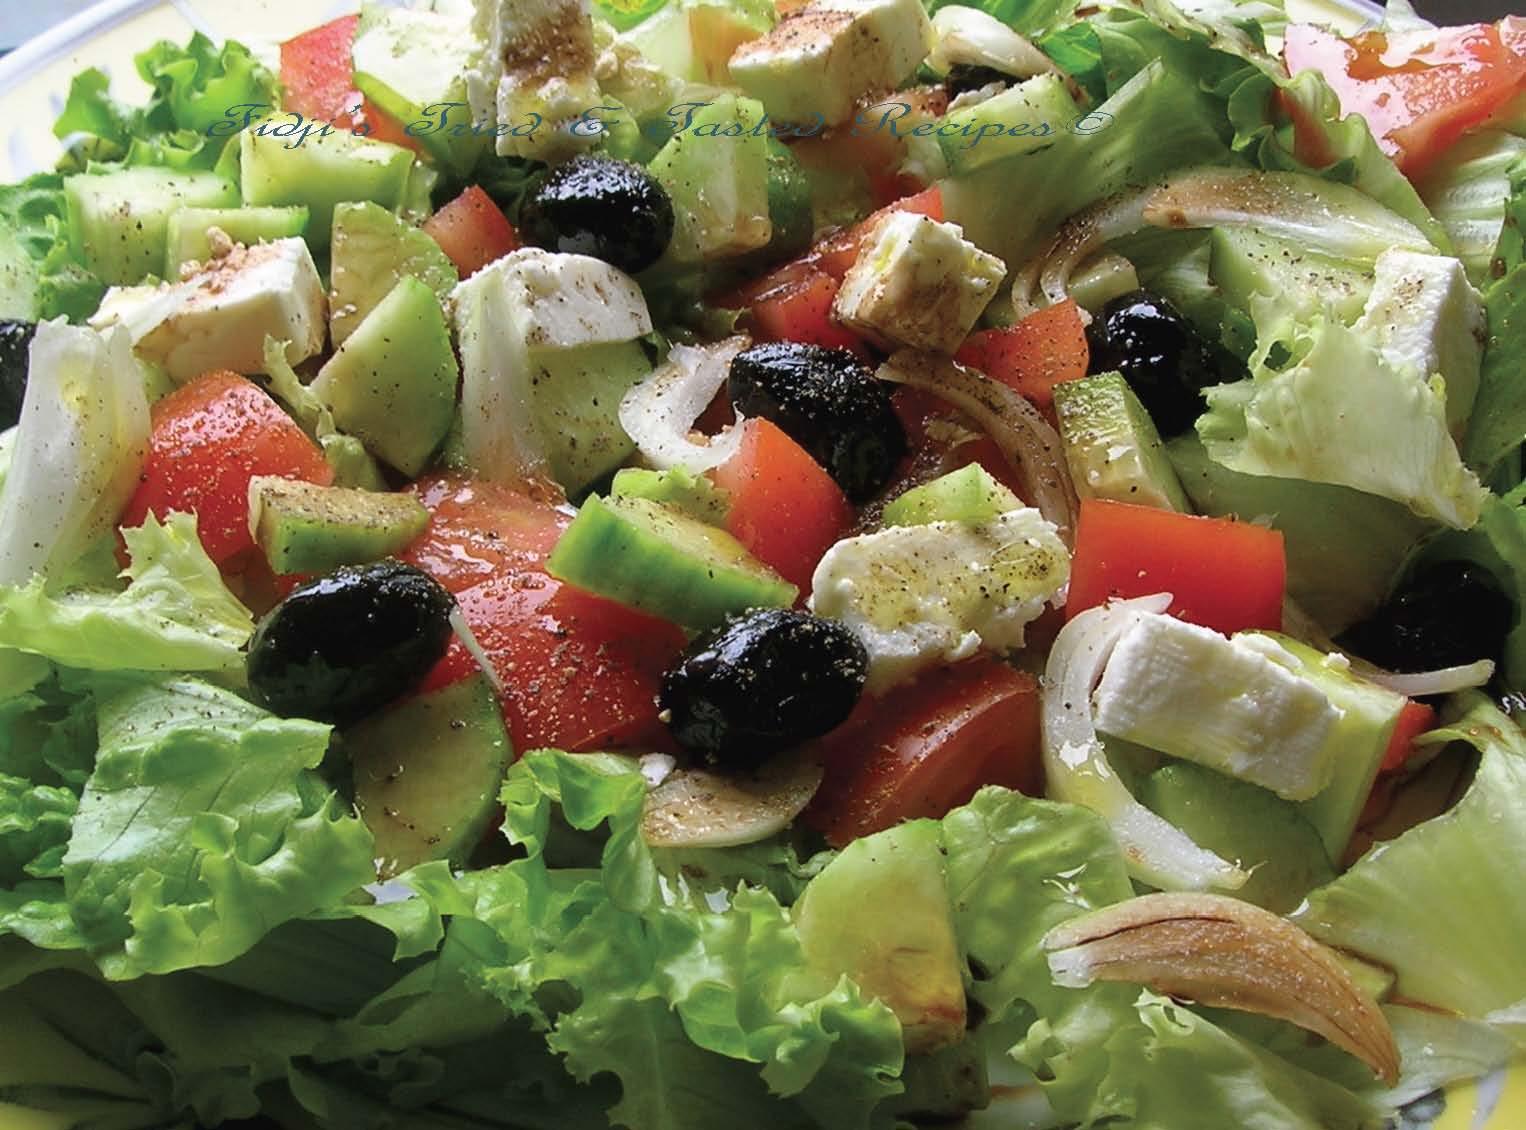 Fidji's Tried & Tasted Recipes: Greek Salad